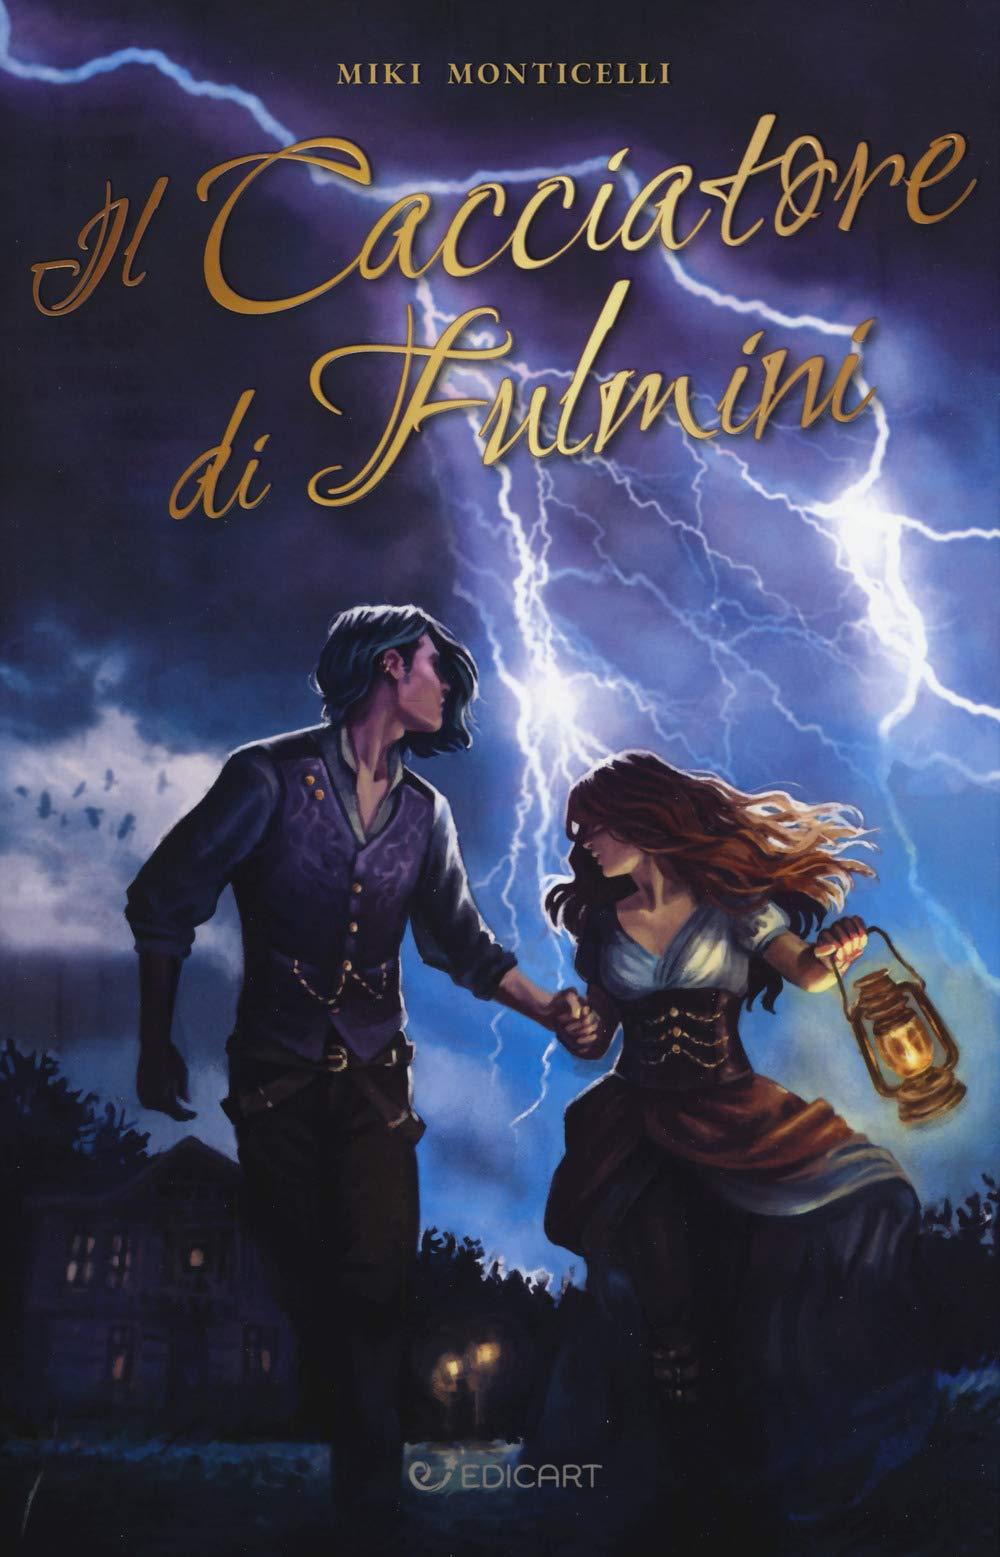 Il cacciatore di fulmini: Amazon.it: Monticelli, Miki: Libri